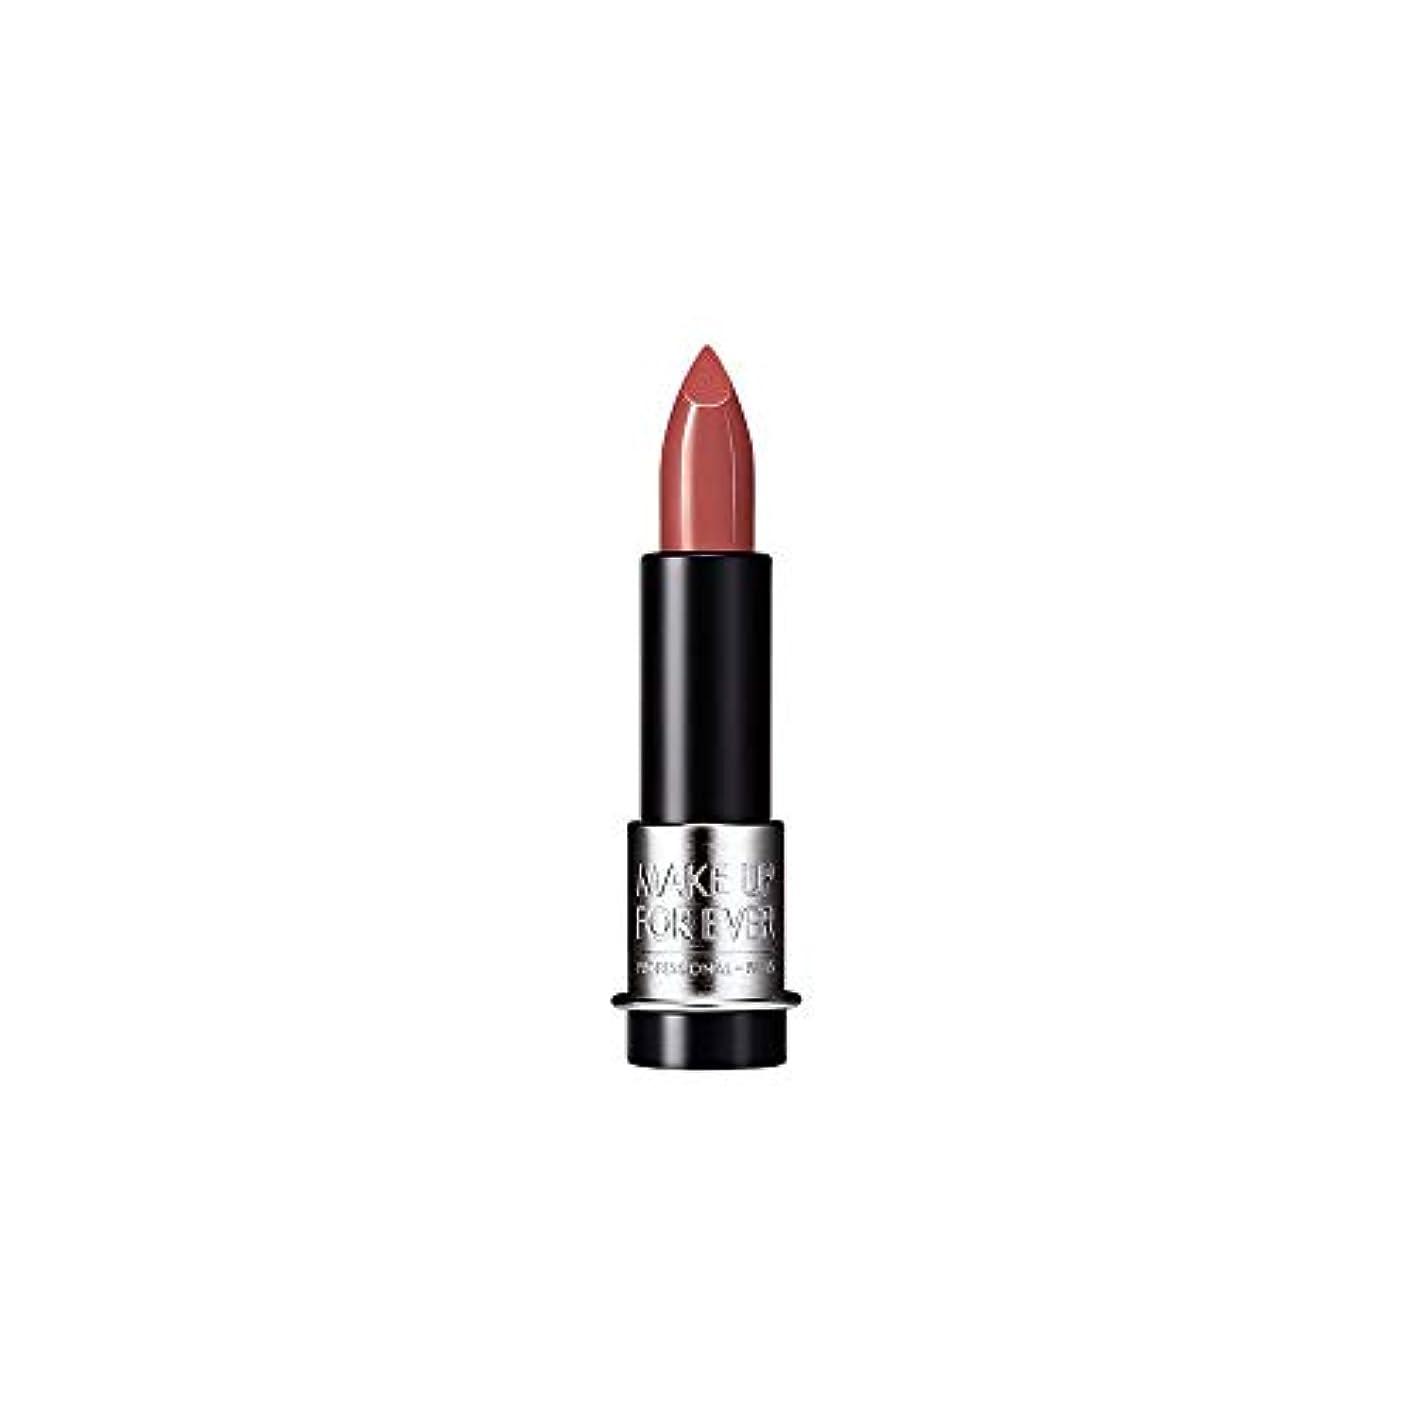 うんざりアクティビティ支店[MAKE UP FOR EVER] これまでアーティストルージュクリーム口紅3.5グラムのC108を補う - ハシバミ色ベージュ - MAKE UP FOR EVER Artist Rouge Creme Lipstick...